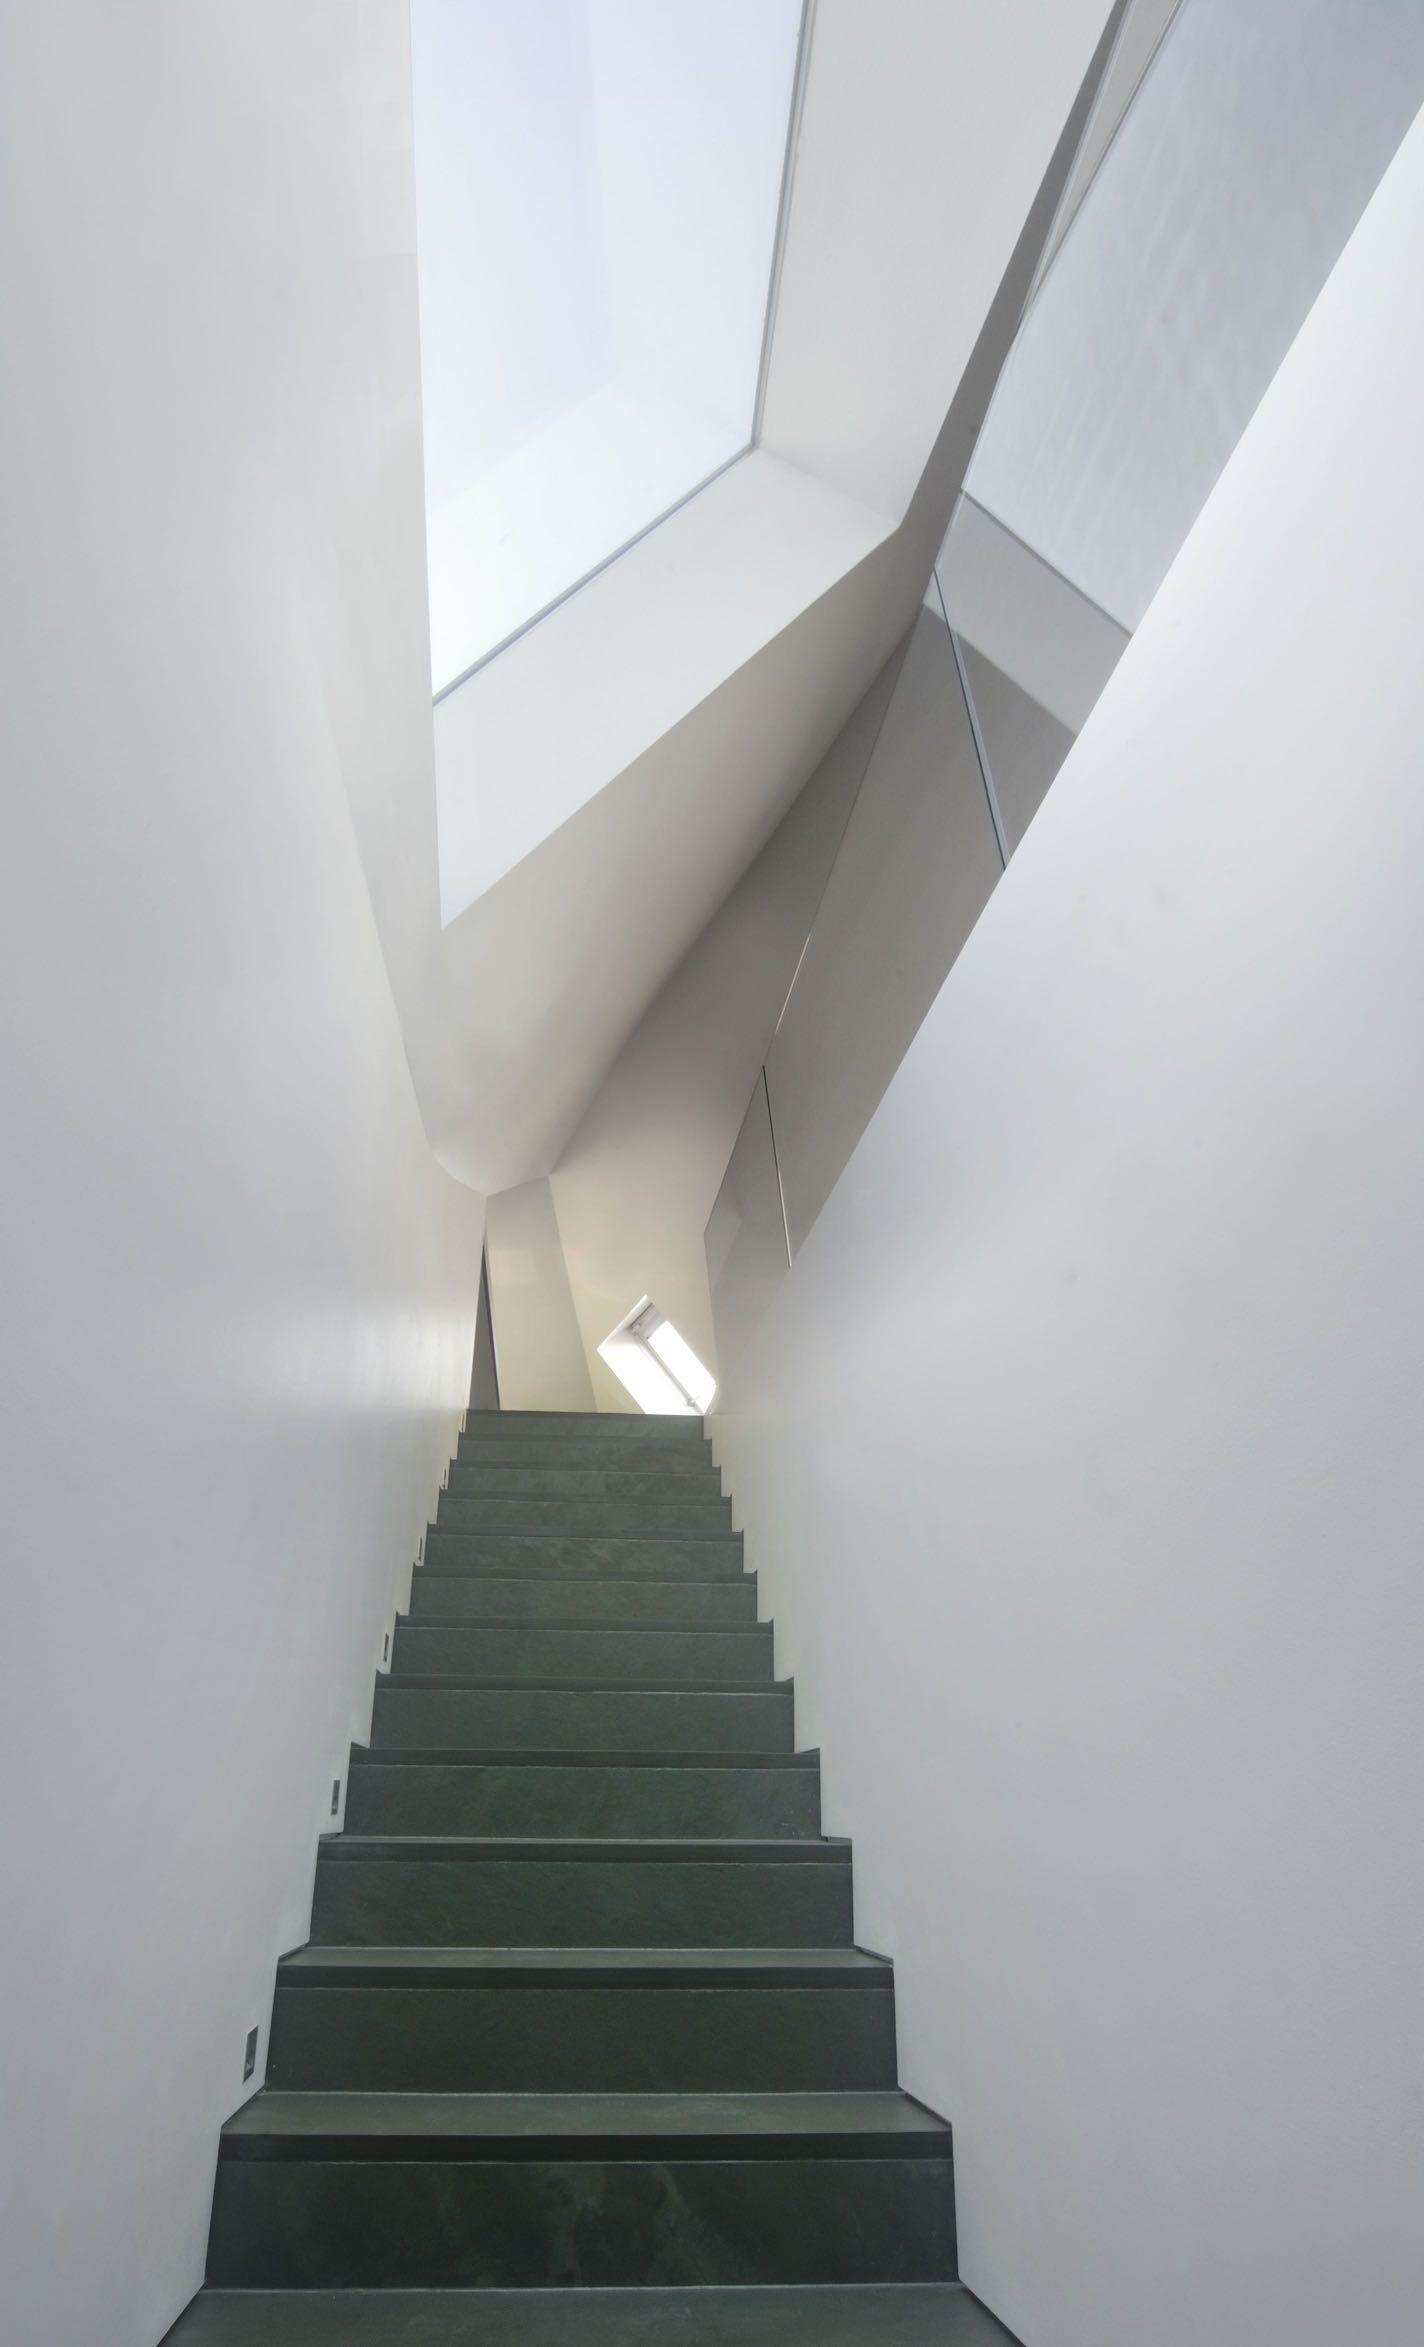 SCHIEFER | Schieferplatten | Arbeitsplatten aus Schiefer | Treppen